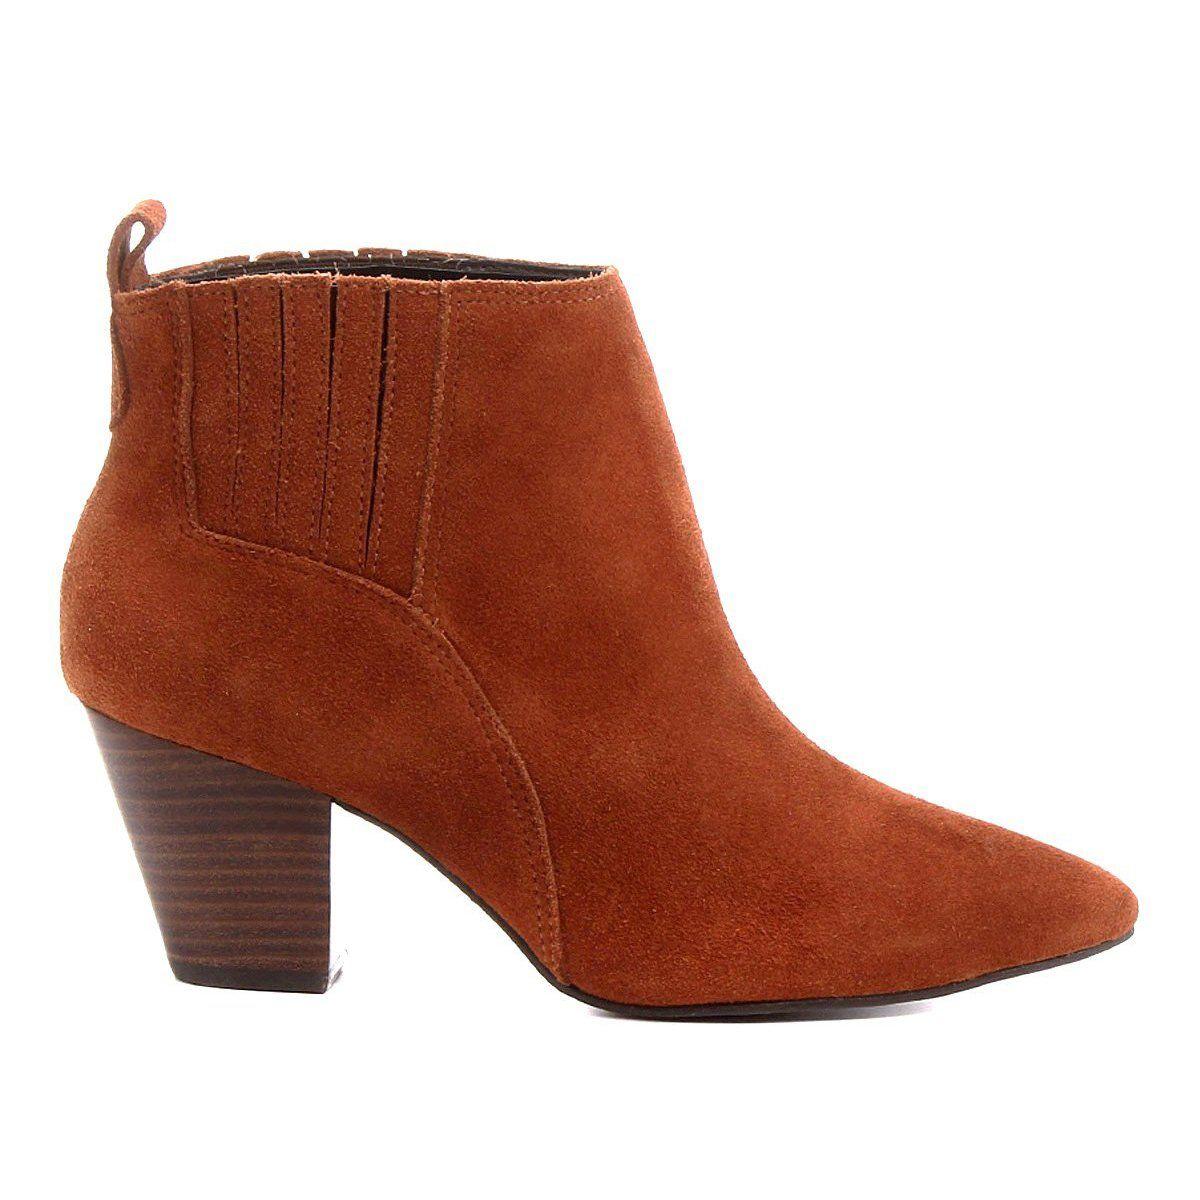 081cd8472 Bota Couro Chelsea Shoestock Salto Grosso Feminina - Marrom - Compre Agora  | Shoestock